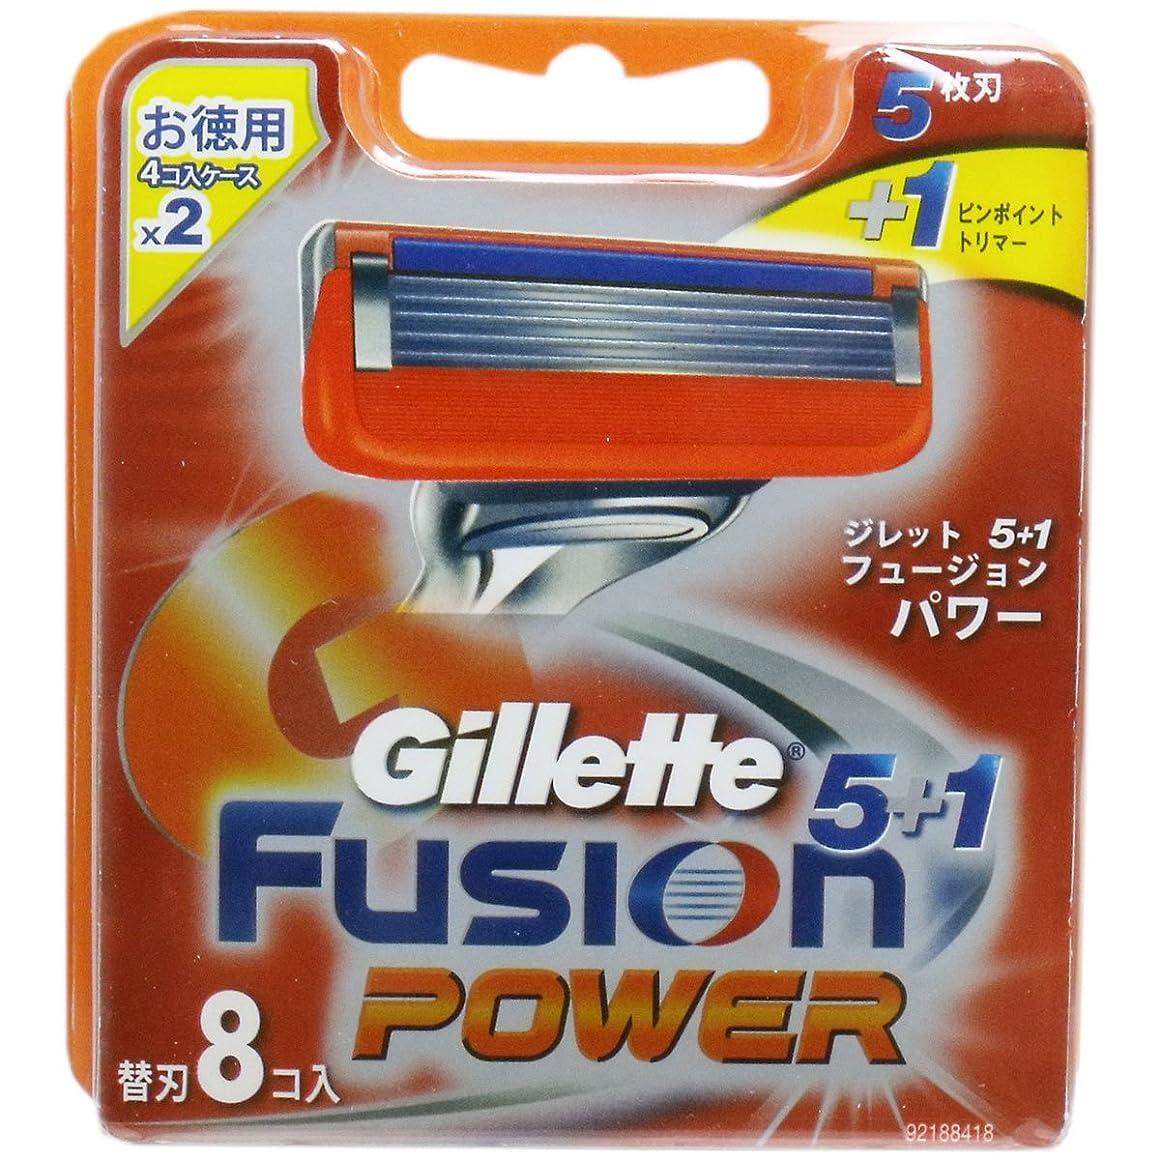 下位ローブ神経衰弱【P&G】ジレット フュージョン 5+1 パワー専用替刃 8個入 ×10個セット